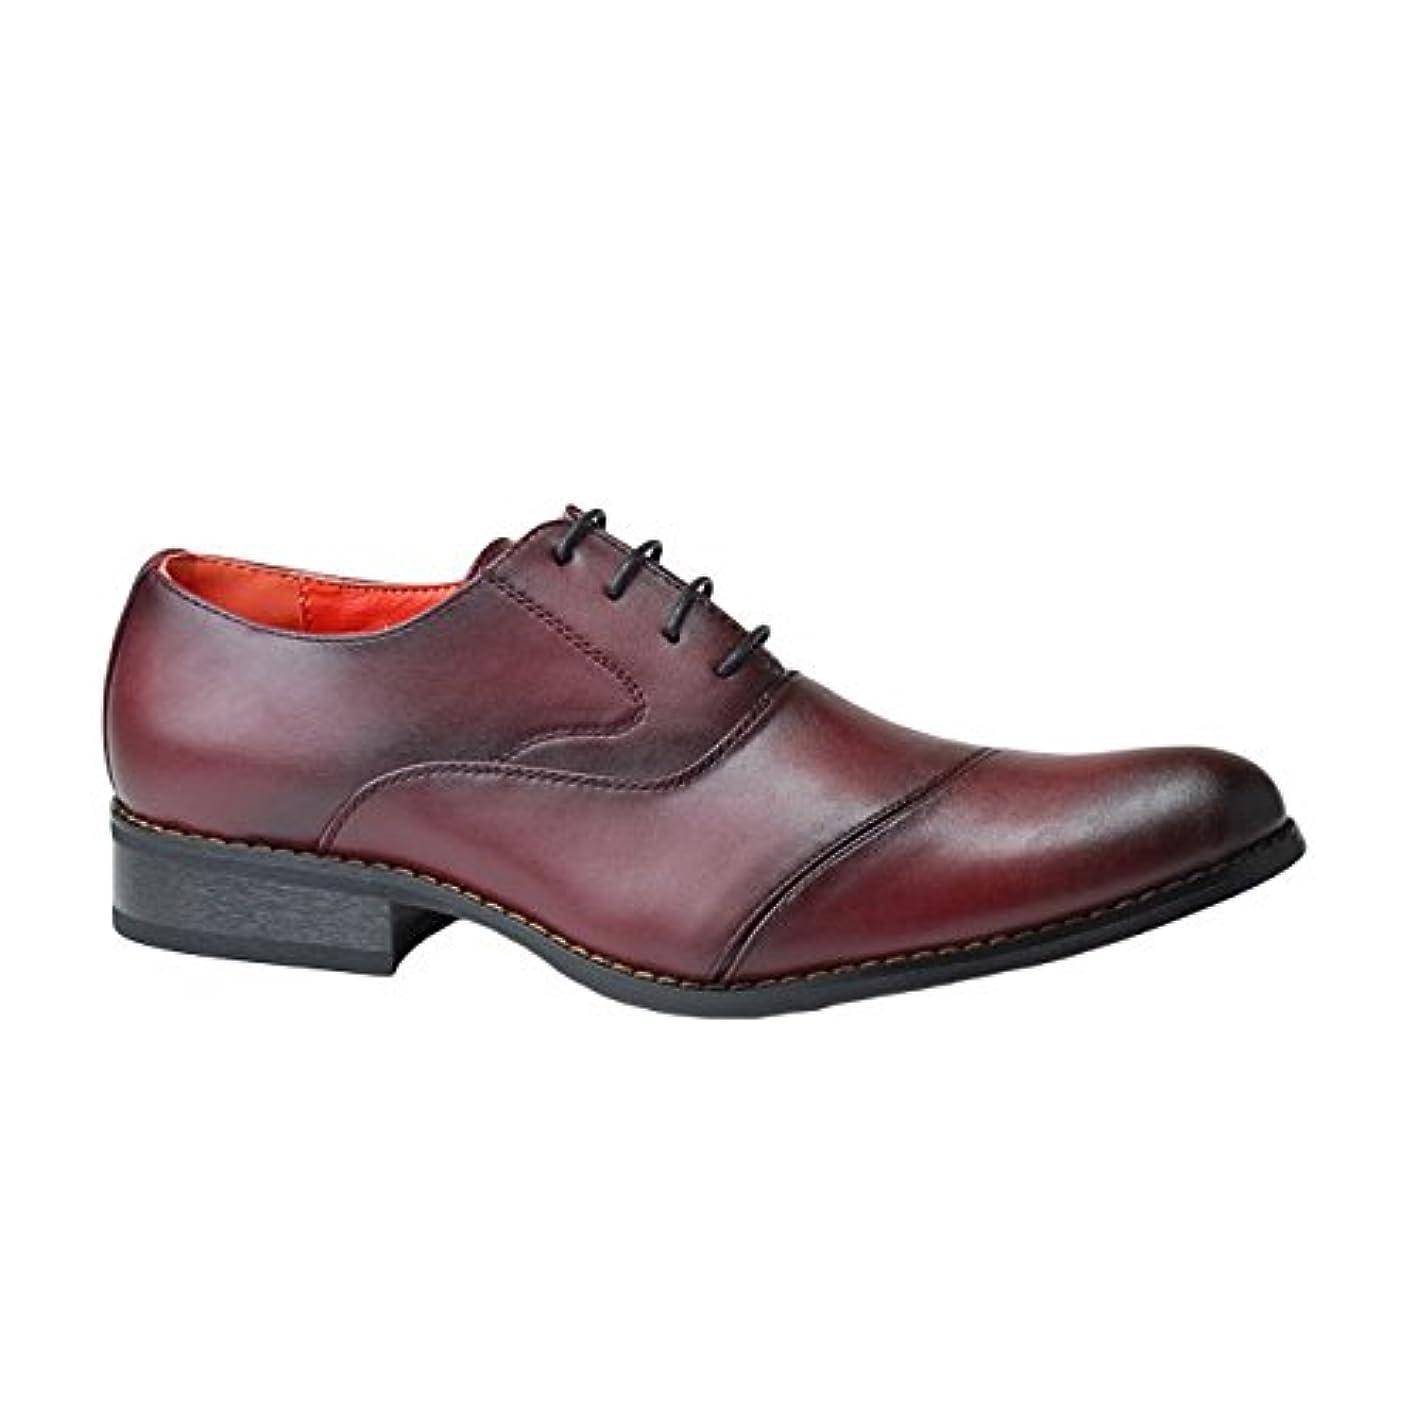 オークション難民アニメーション[アルフレッドギャレリア] ALFRED GALLERIA ビジネスシューズ AG911 メンズ 内羽根 ストレートチップ 紳士靴